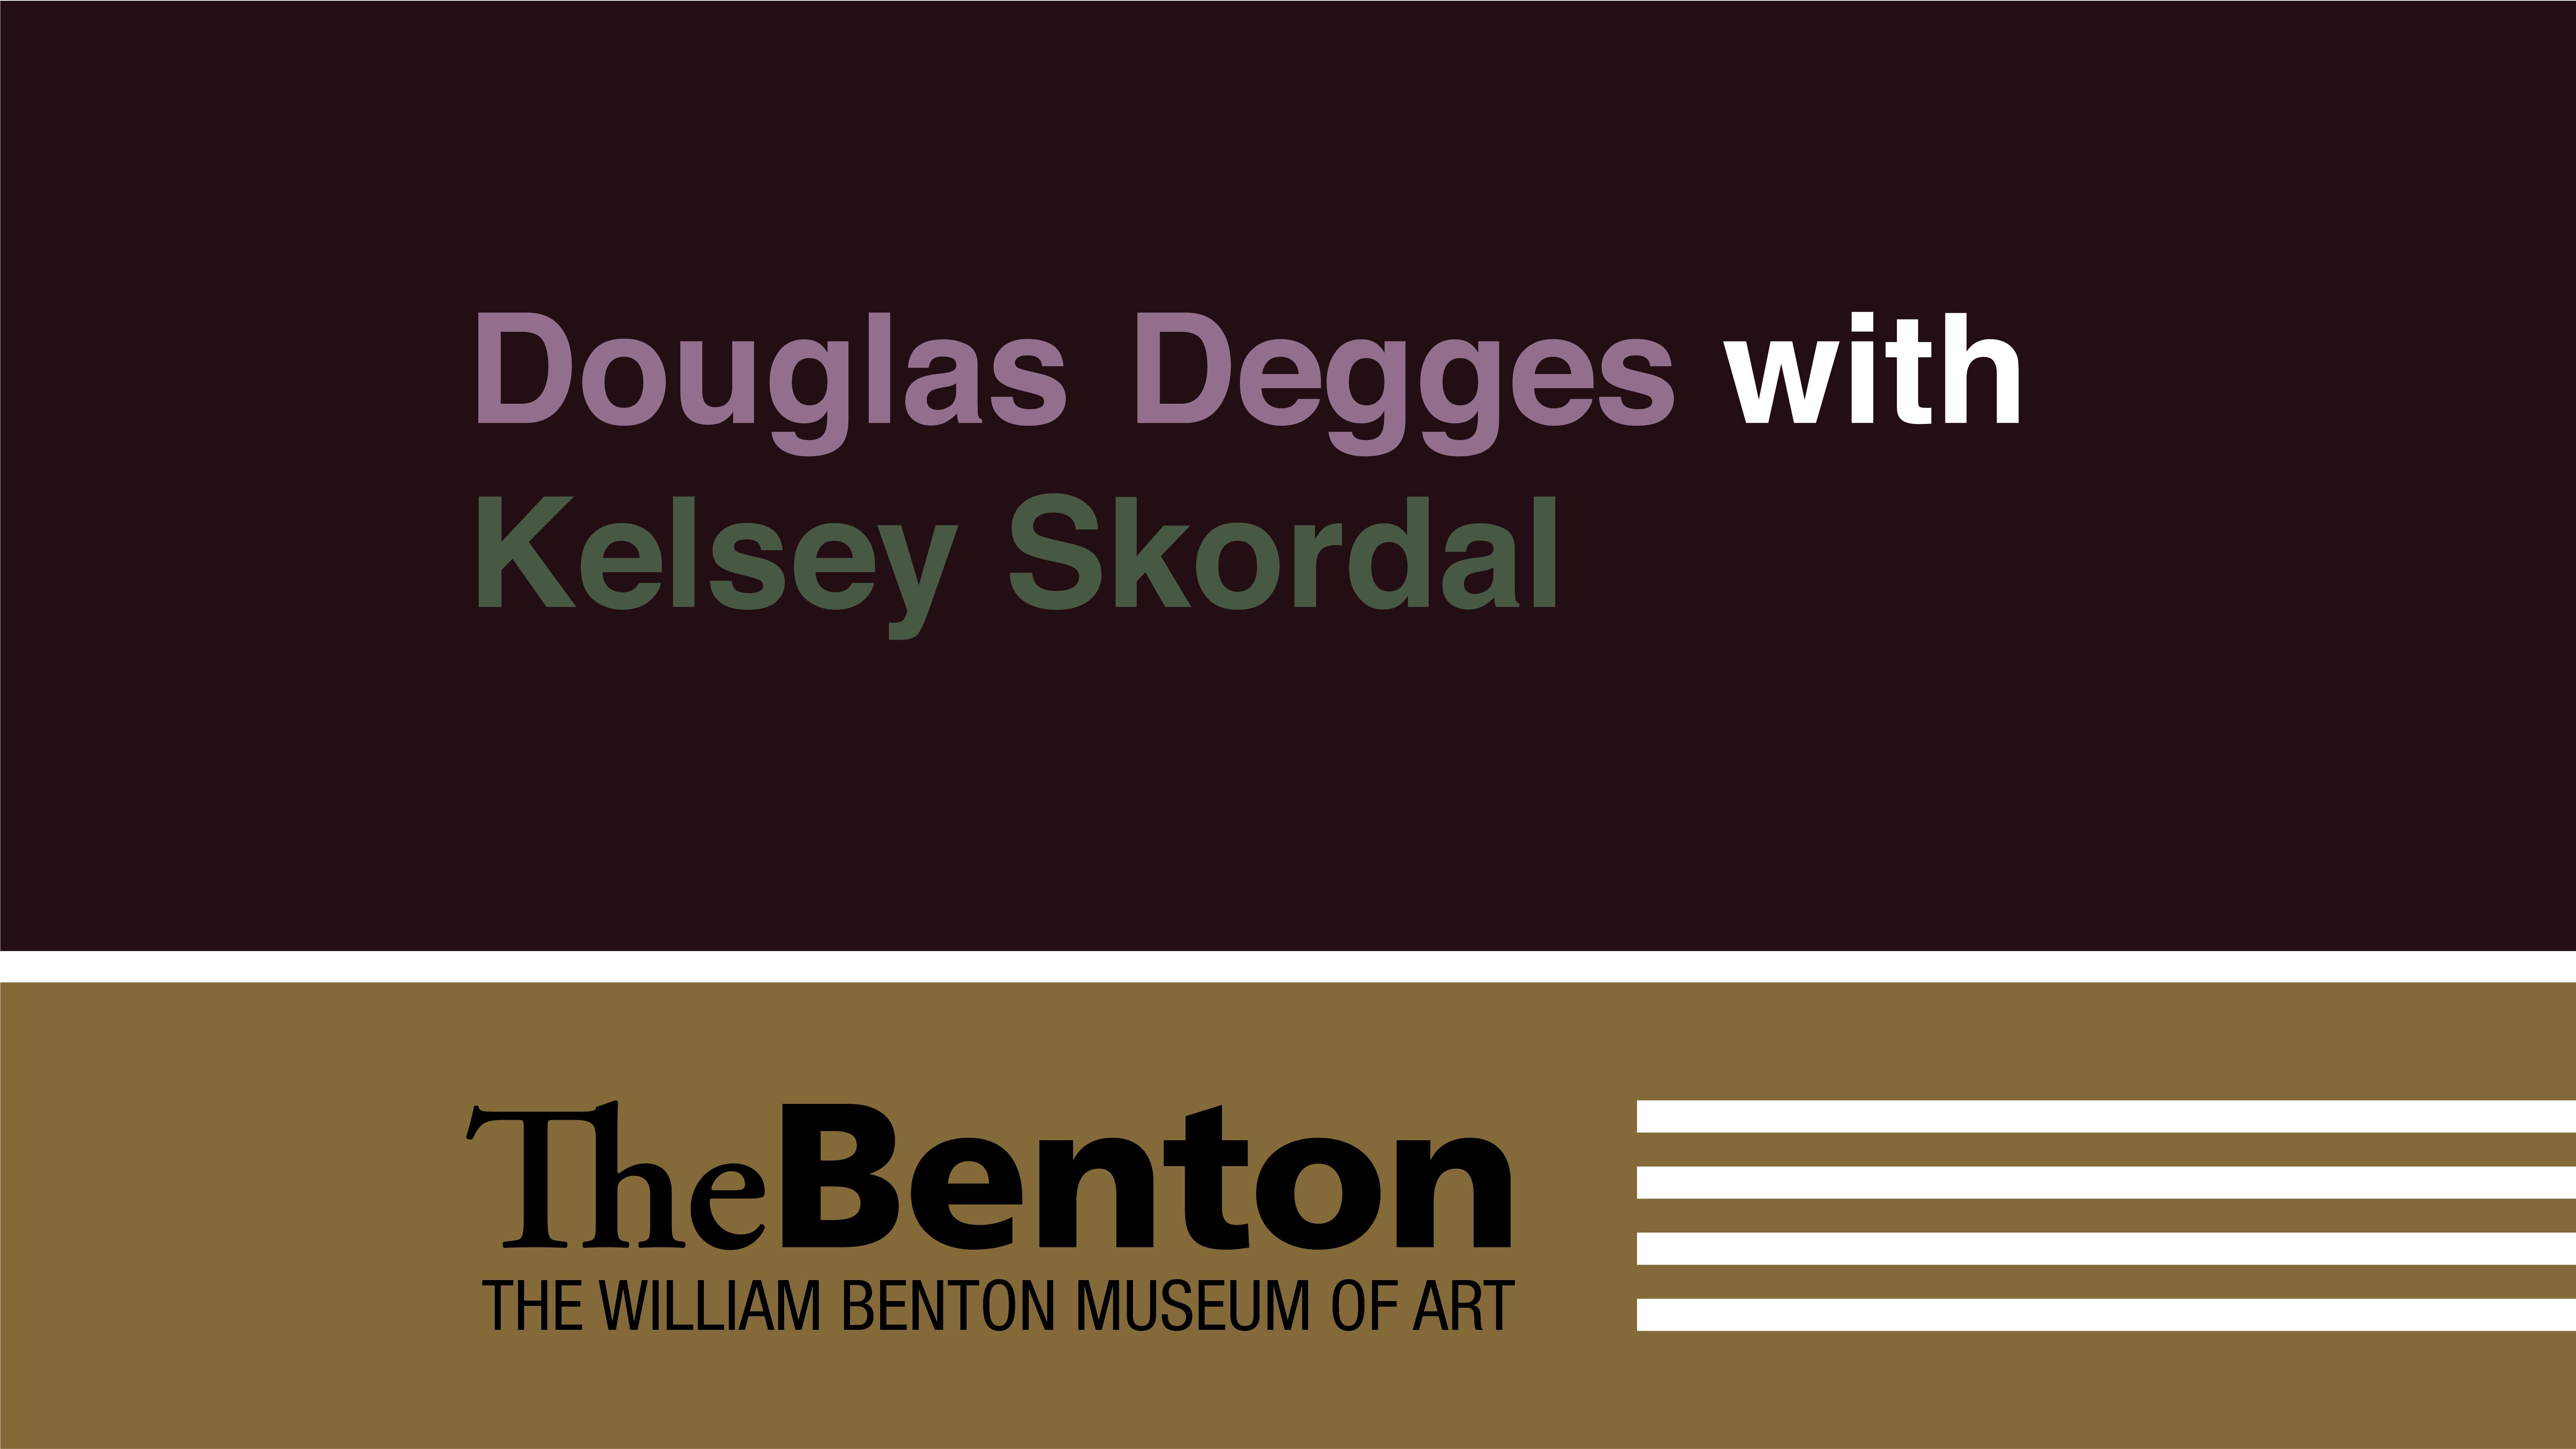 Douglas Degges with Kelsey Skordal